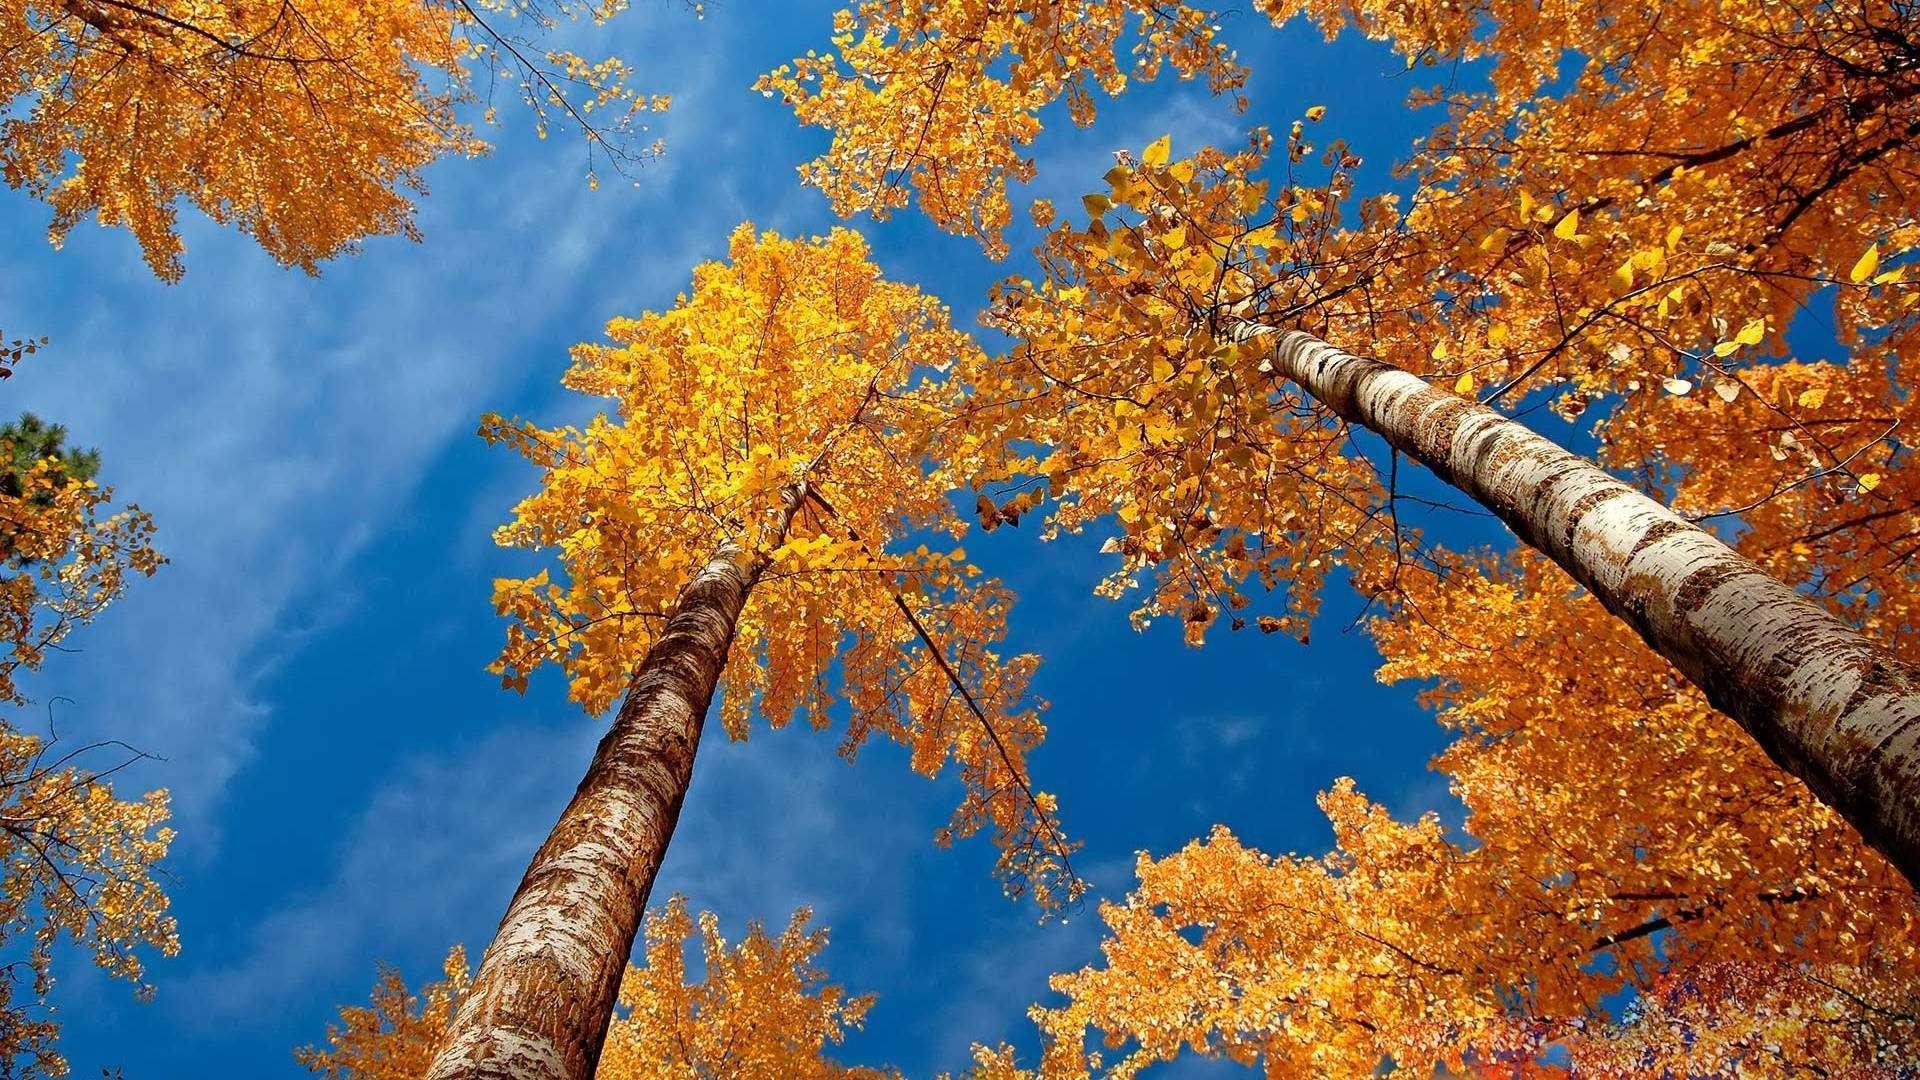 Fall Wallpapers Desktop on WallpaperSafari